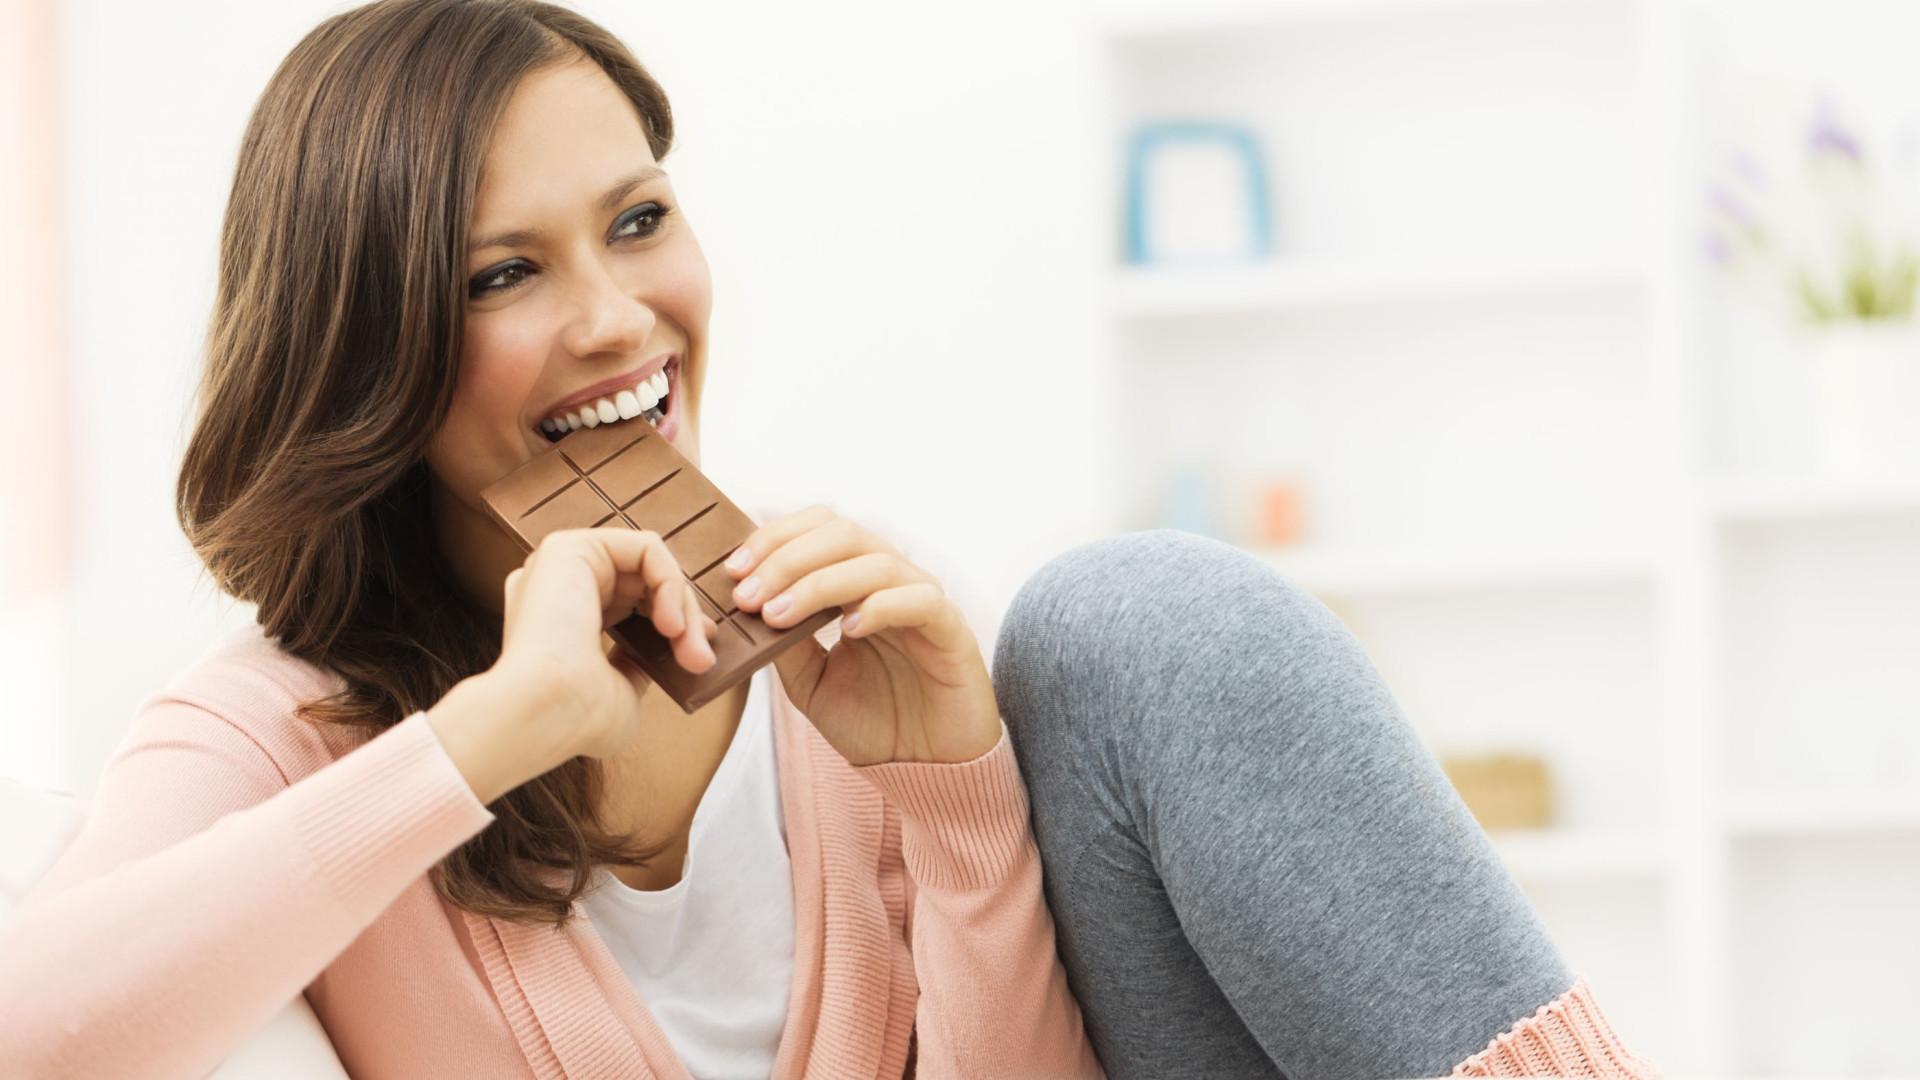 Estudo diz que chocolate faz melhor à tosse do que xarope. Sim, por favor